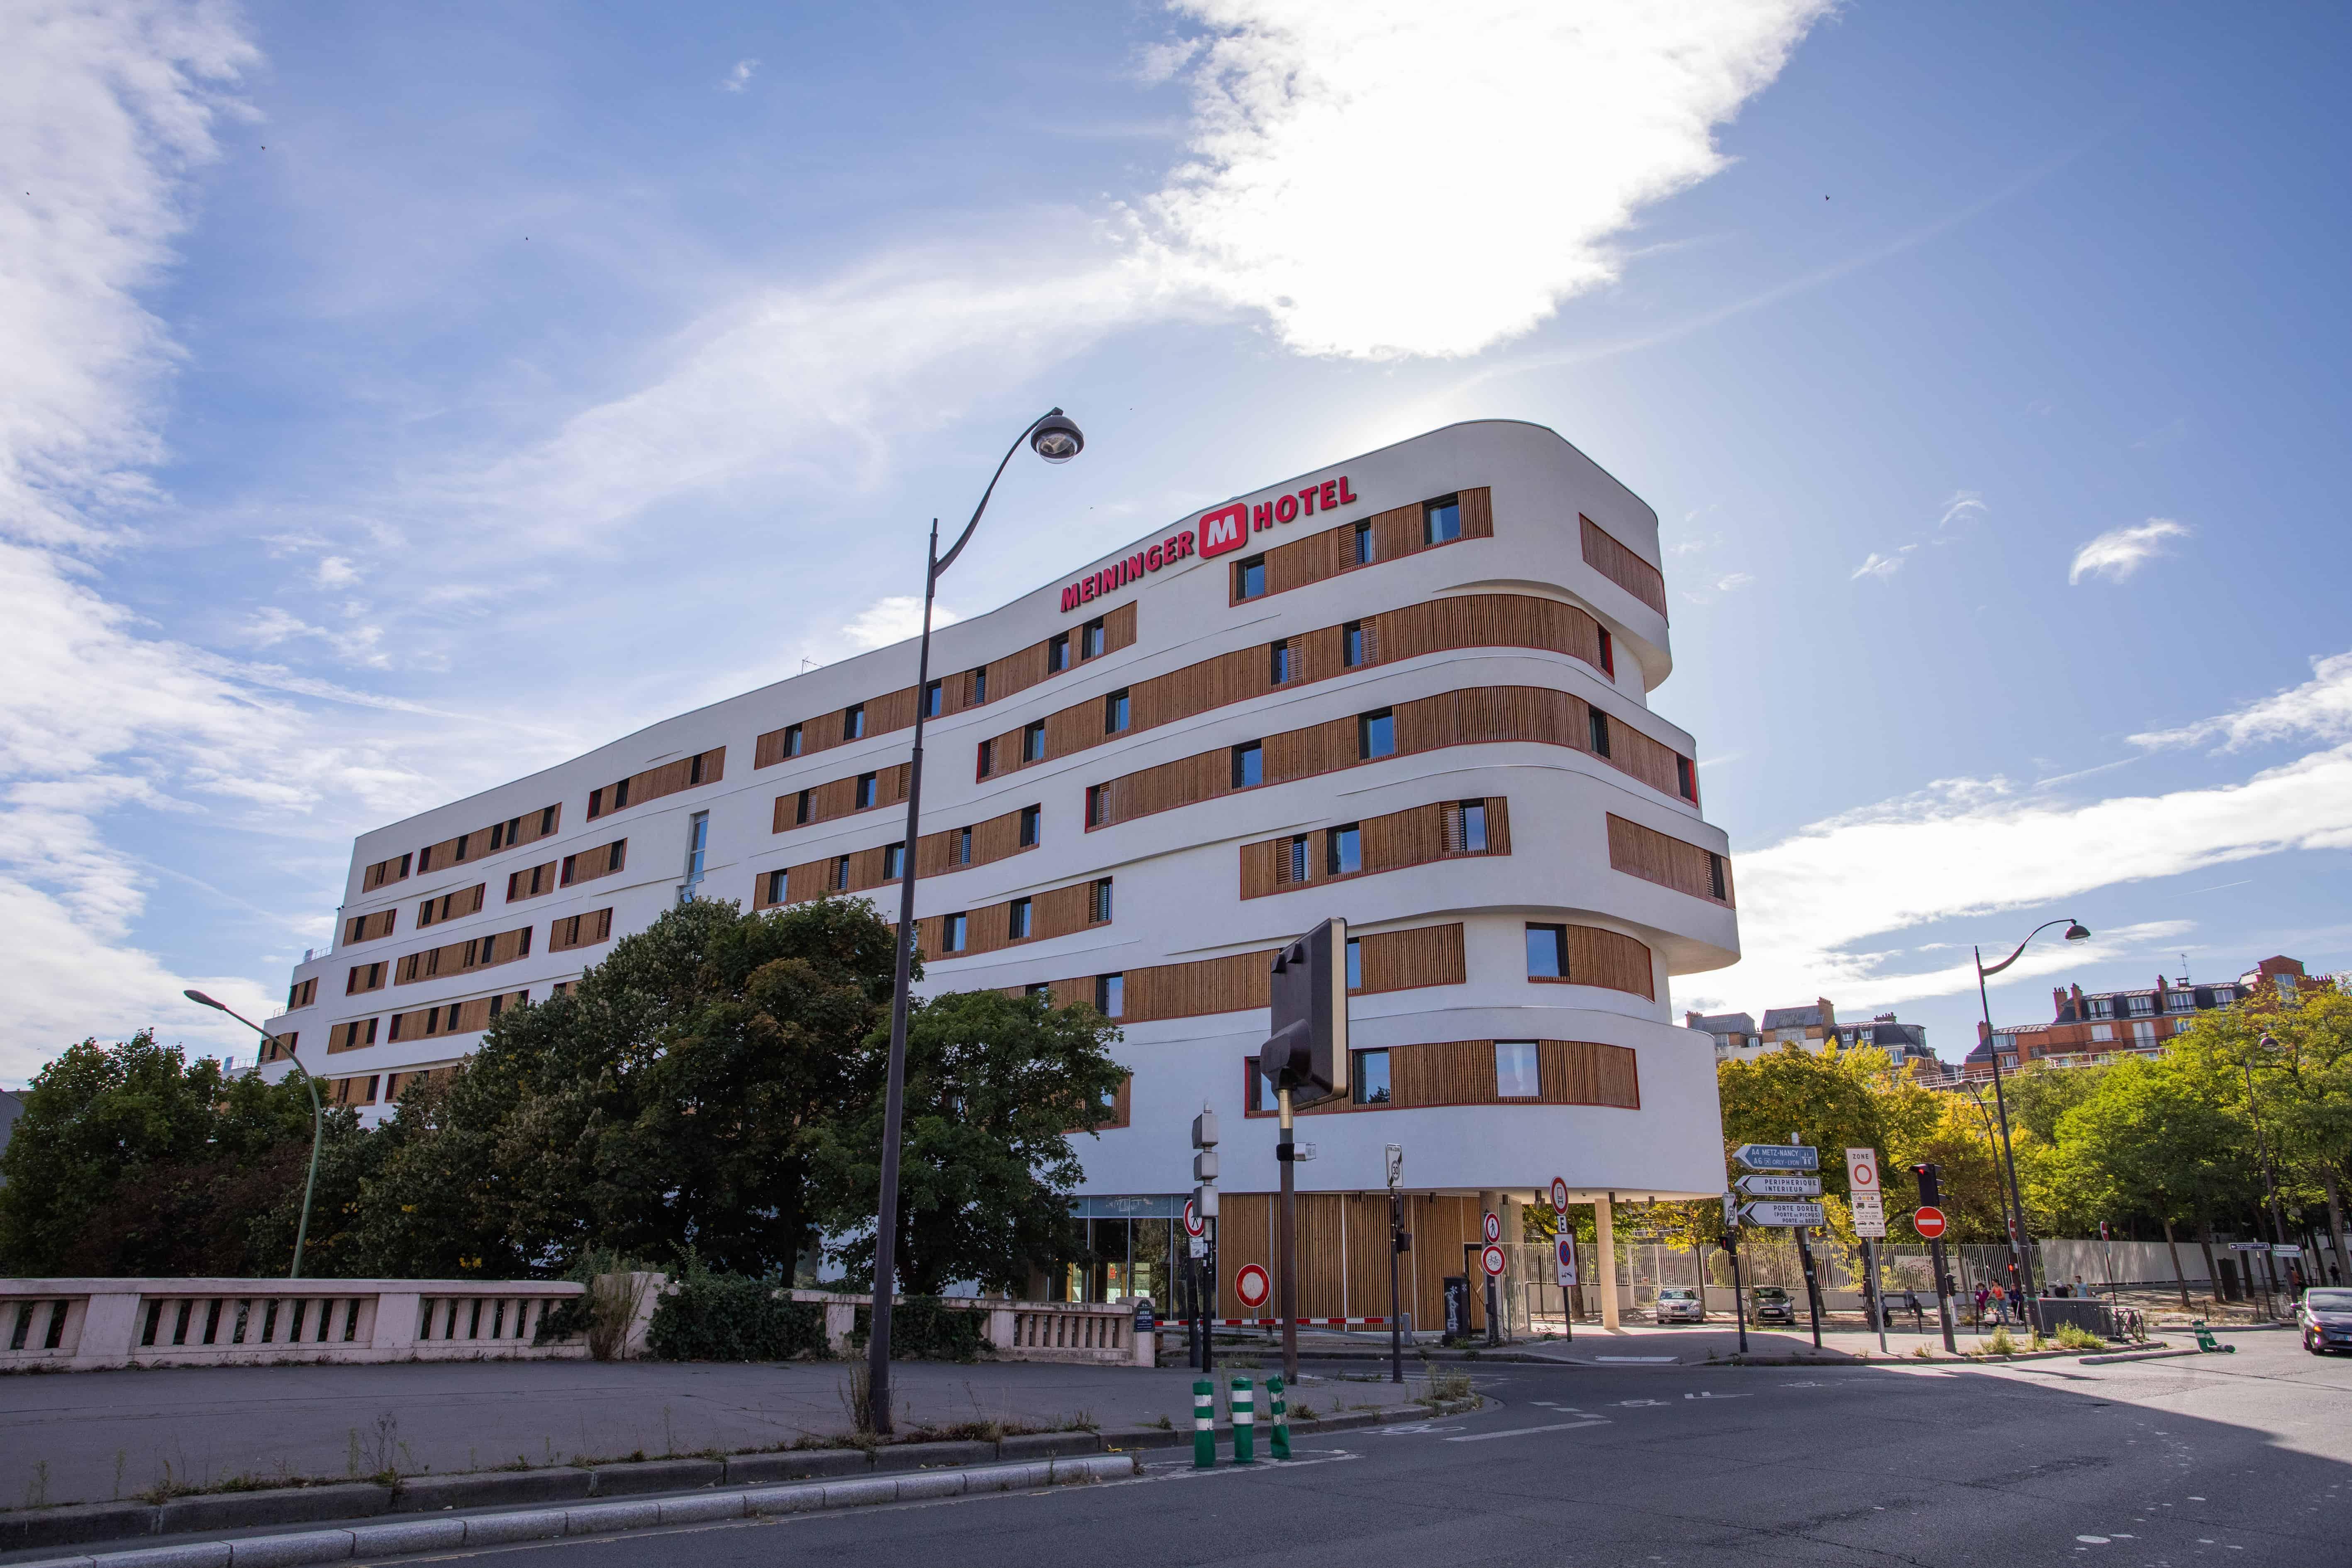 Hôtel Meininger - DVVD